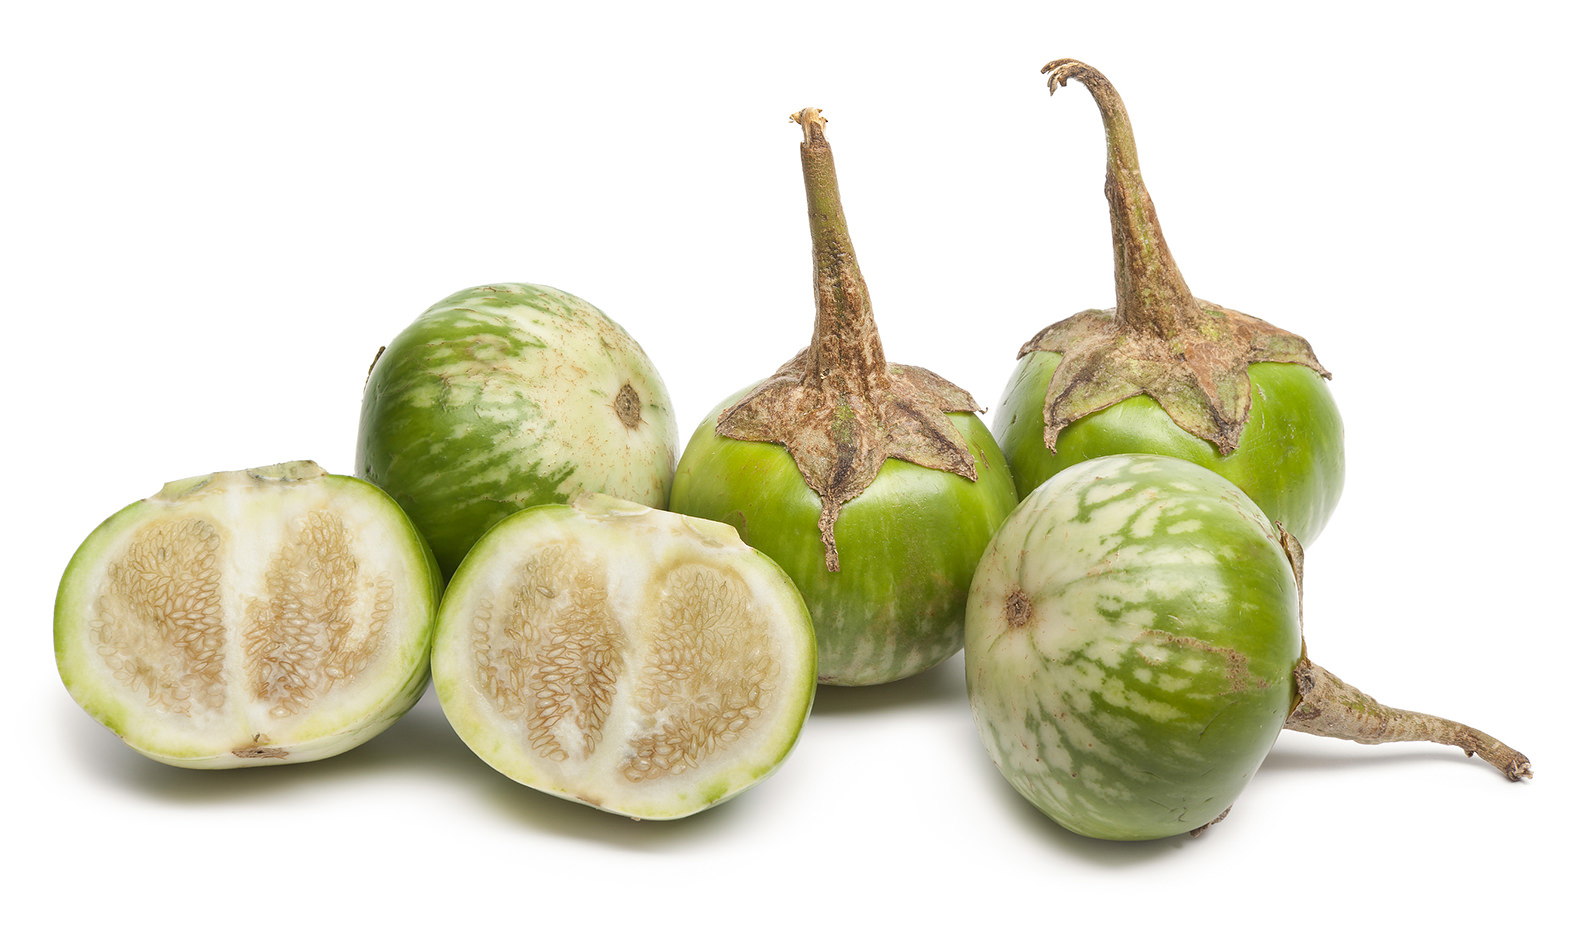 Thai Eggplant Image